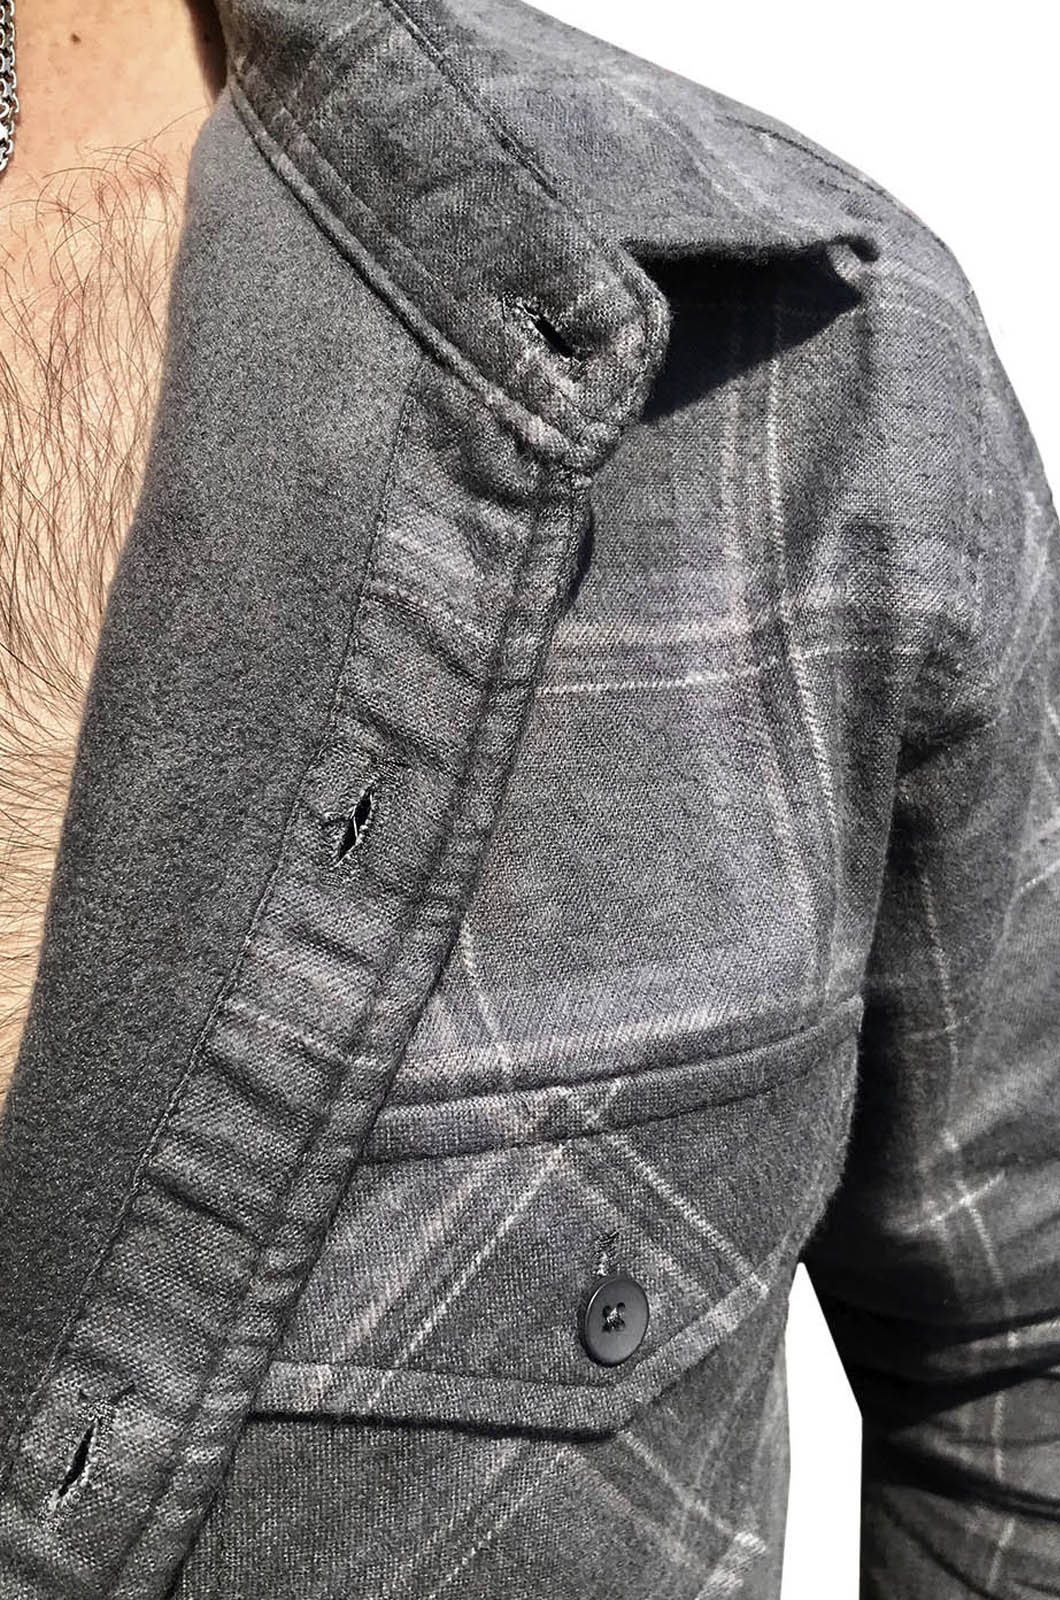 Мужская утепленная рубашка с вышитым шевроном МЧПВ СССР - заказать с доставкой